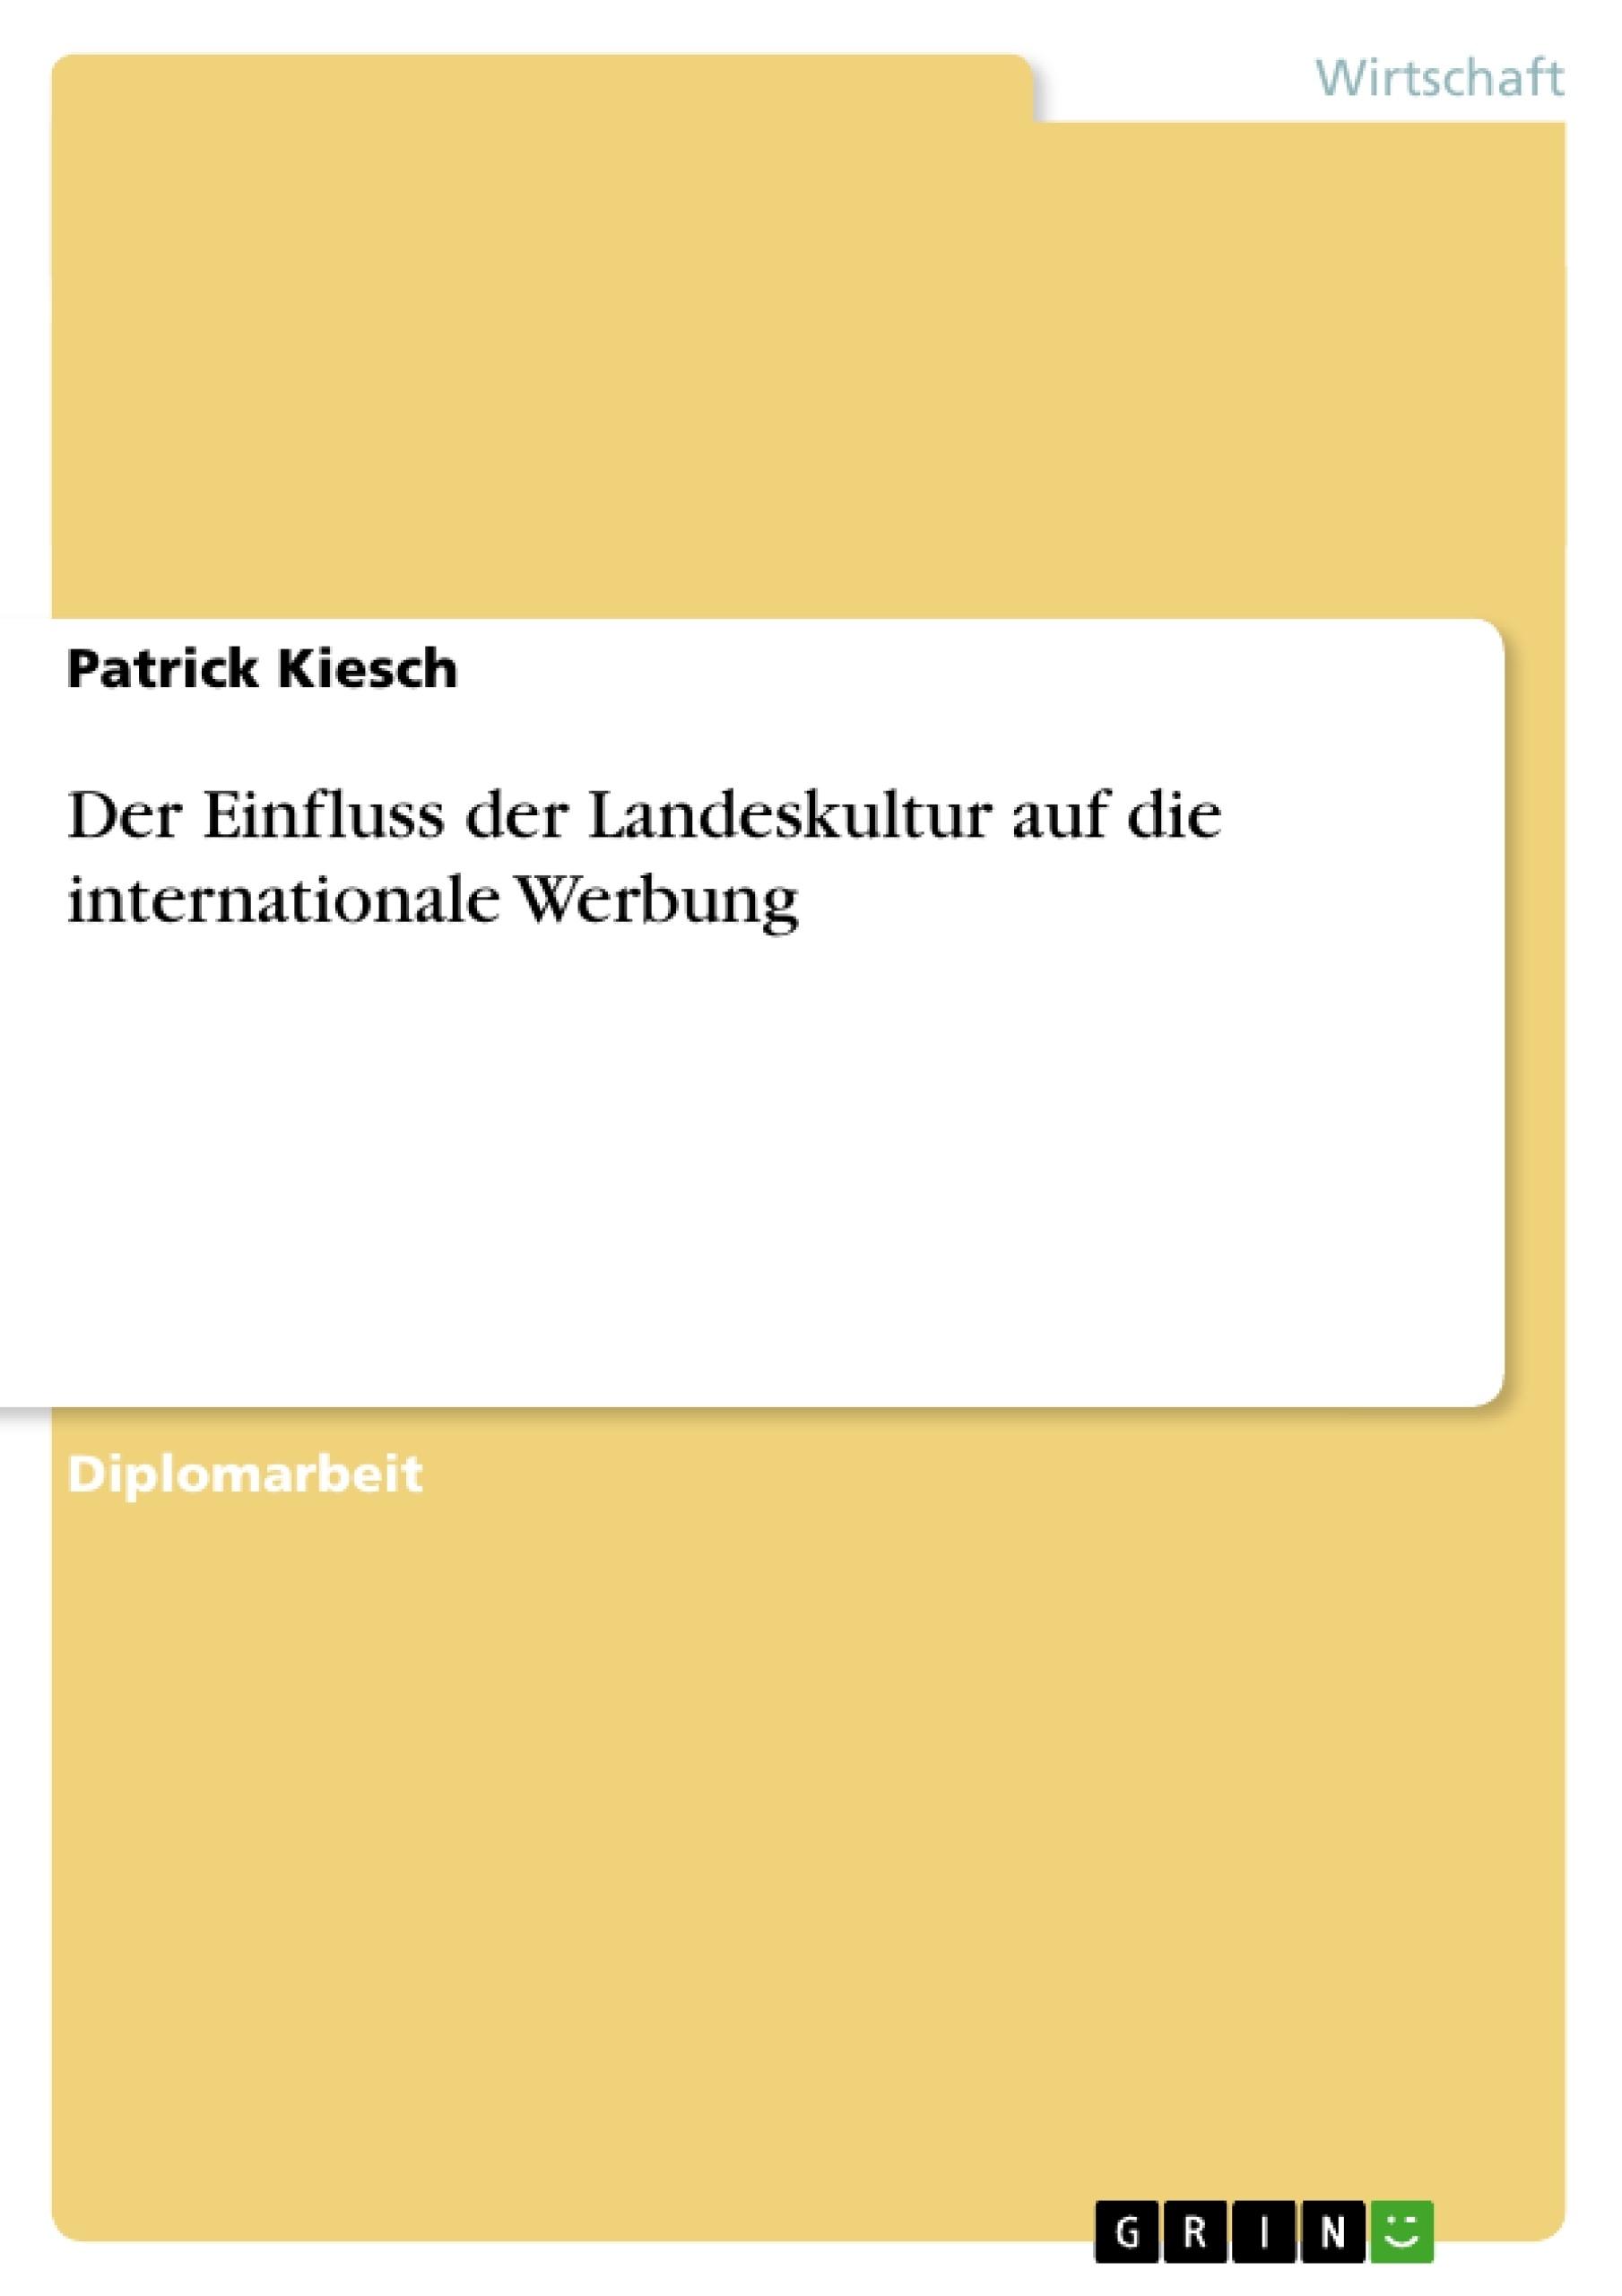 Titel: Der Einfluss der Landeskultur auf die internationale Werbung